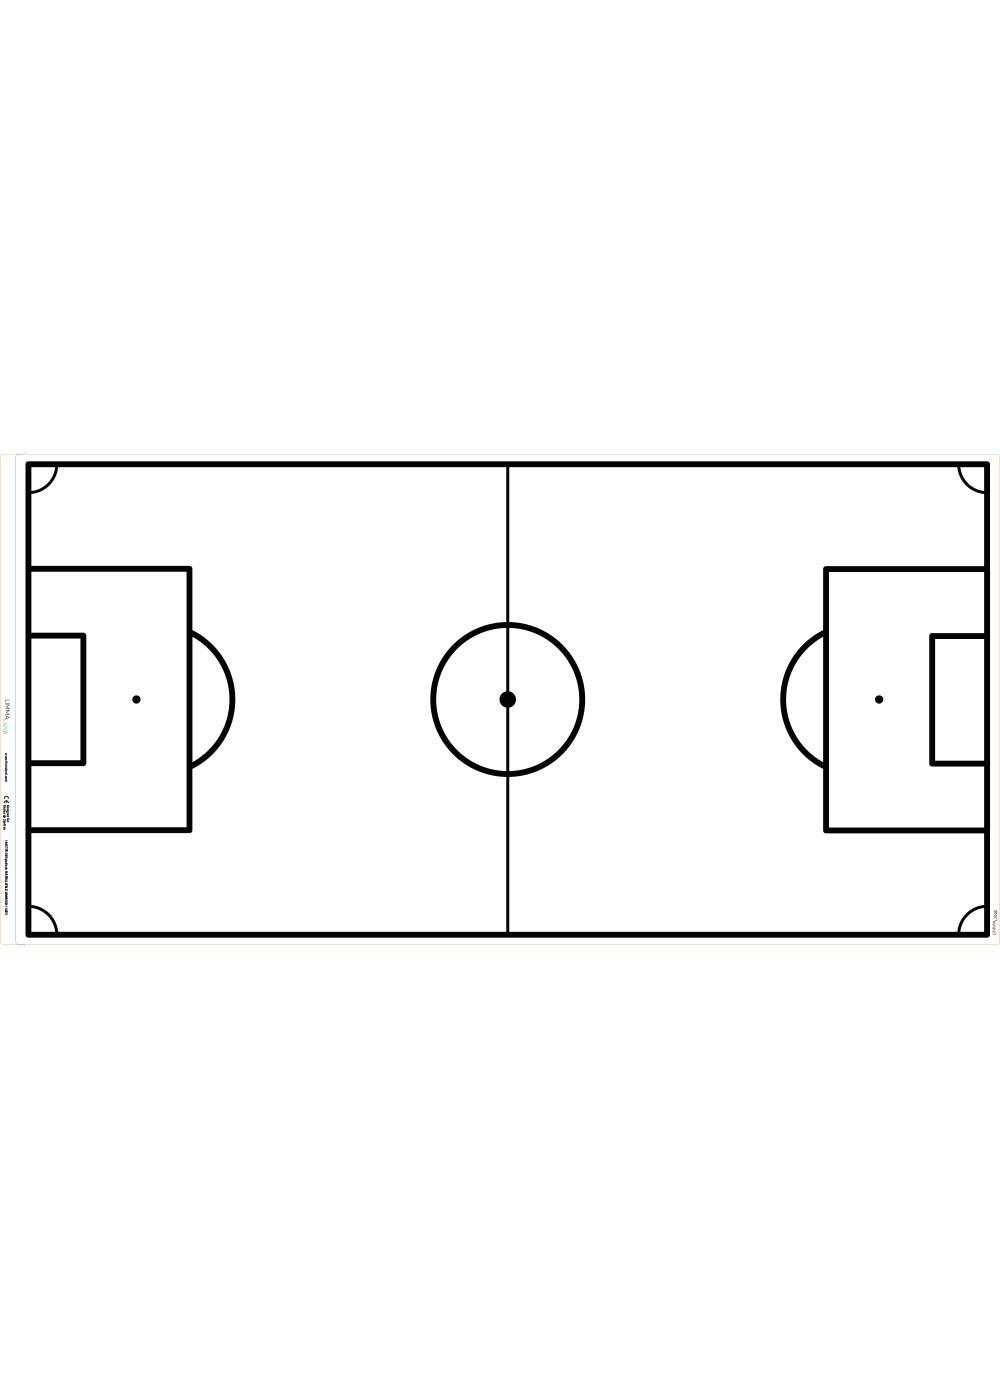 Ikea Dundra Spieltisch Fussballfeld weiss Druckvorlage